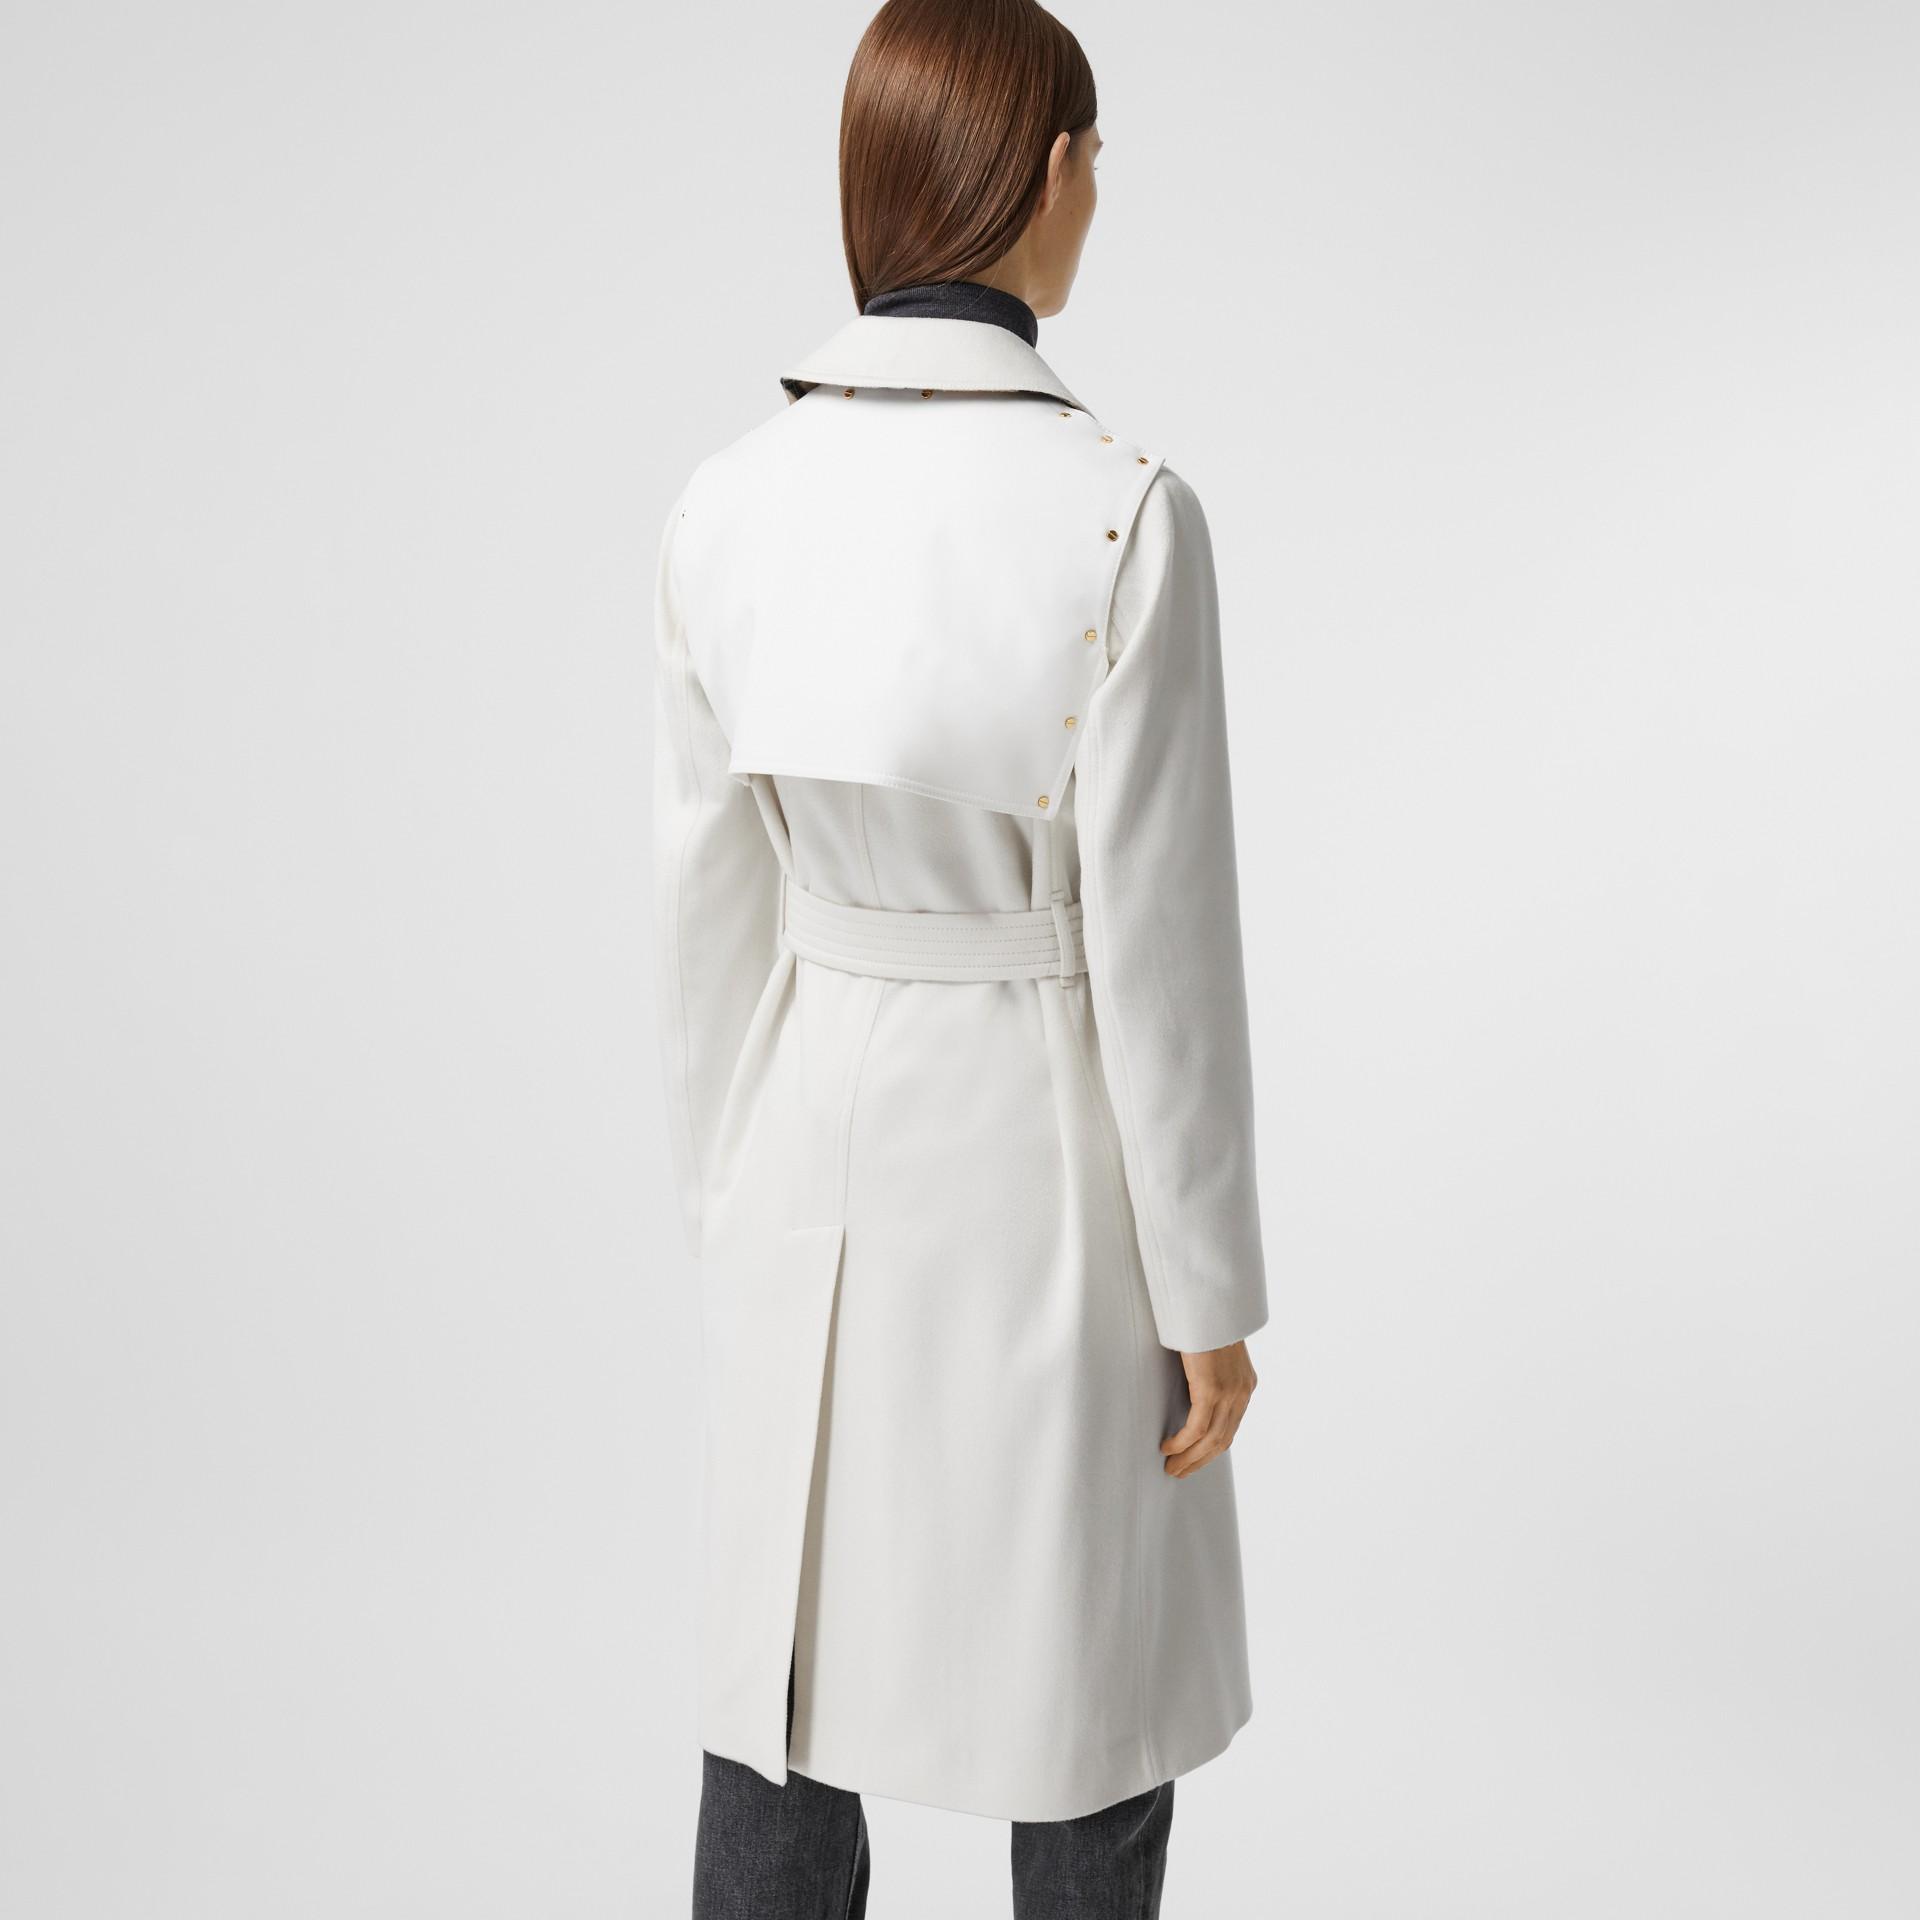 Trench coat in cashmere con pannello in gabardine di cotone (Bianco Naturale) - Donna | Burberry - immagine della galleria 2